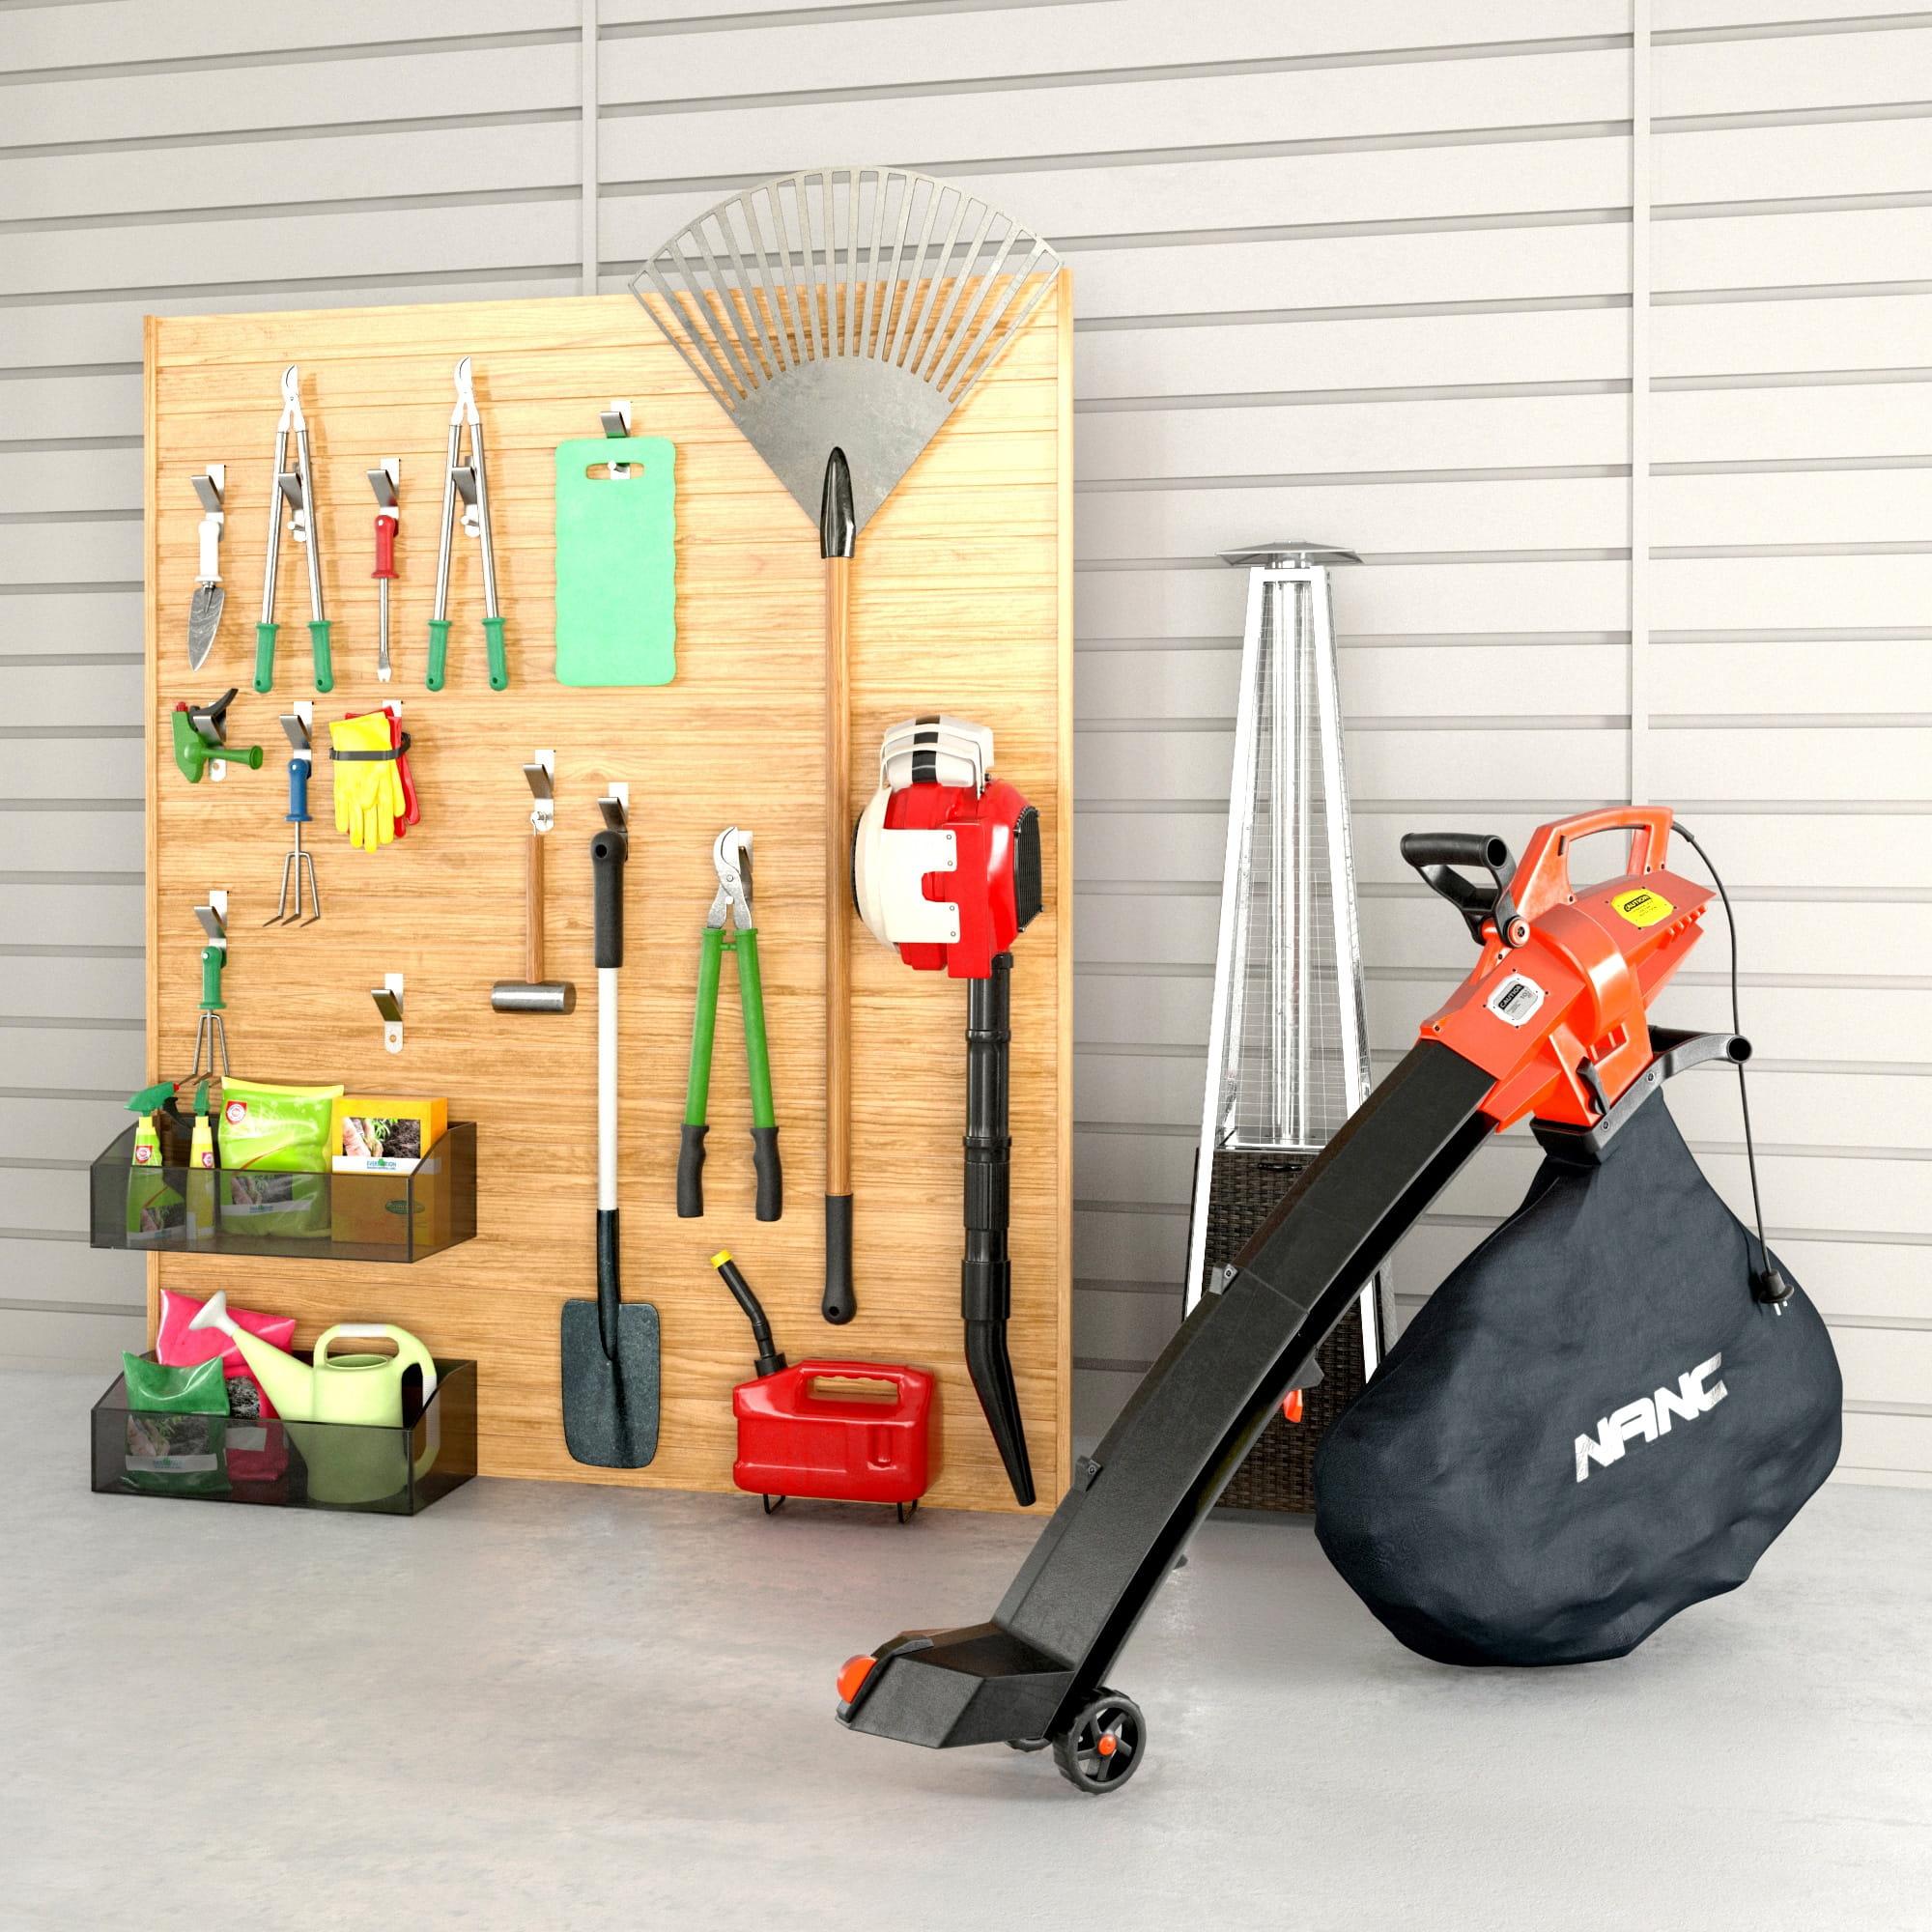 garage equipment 2 AM222 Archmodels